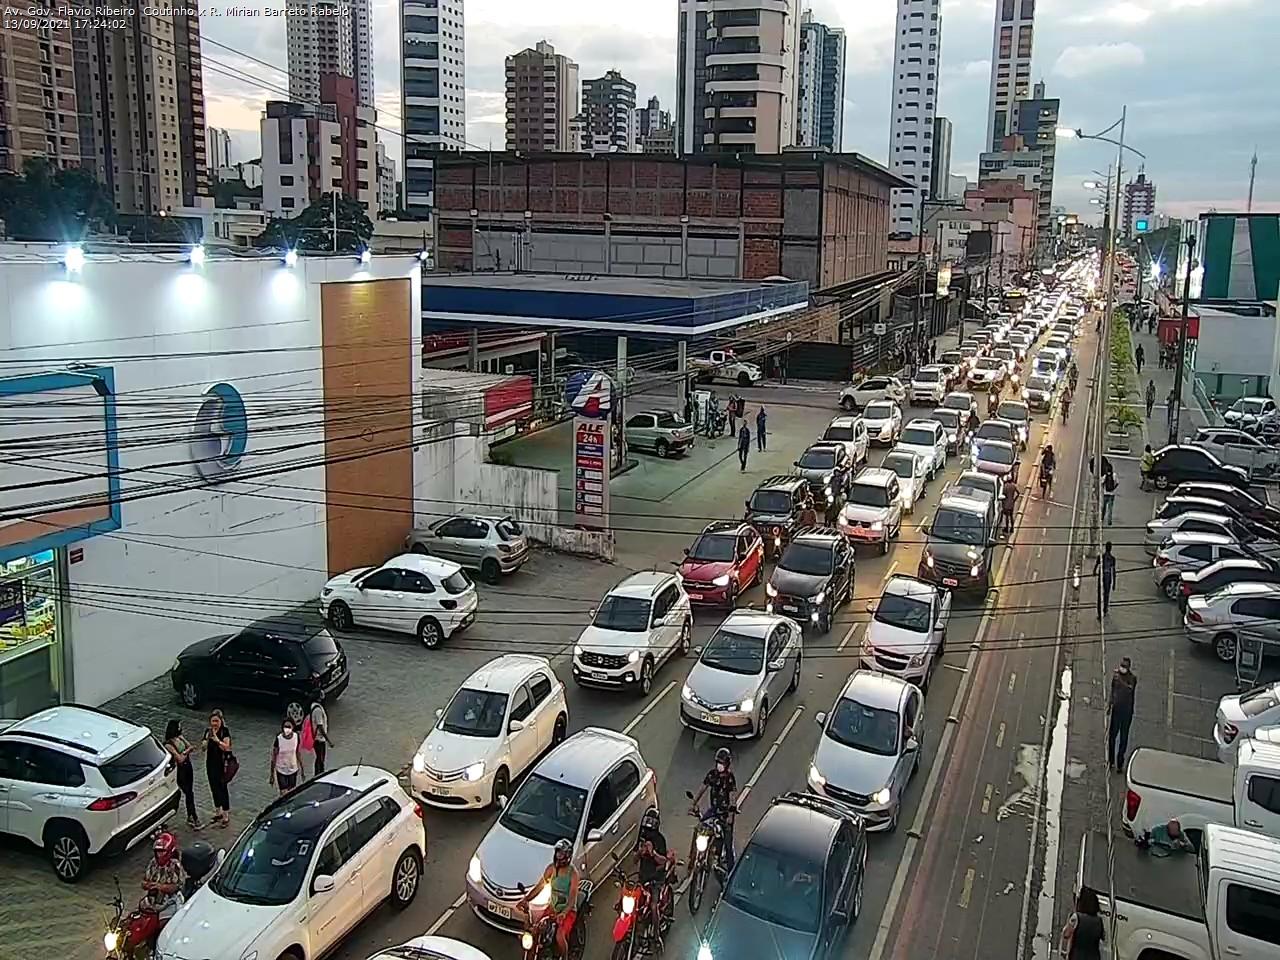 motoub Motoboys fecham avenida em protesto após morte de entregador em acidente no Retão de Manaíra em João Pessoa